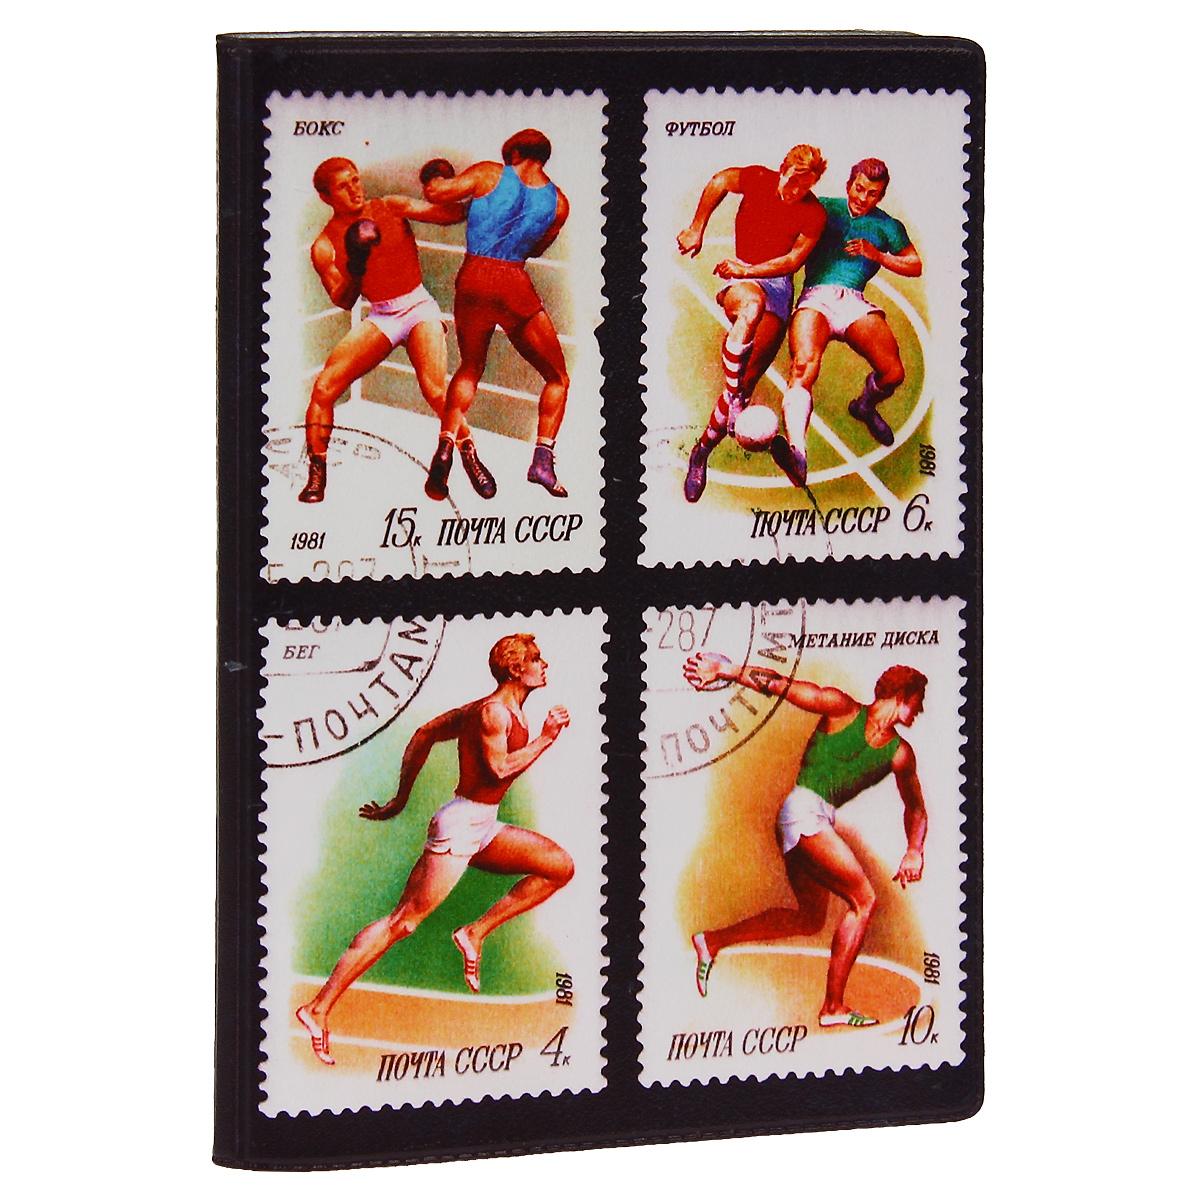 Обложка для паспорта Спорт (марки) 1. OZAM280OZAM280Обложка для паспорта Mitya Veselkov Спорт. Марки - 1 выполнена из прочного ПВХ и оформлена изображениями почтовых марок со спортивной тематикой. Такая обложка не только поможет сохранить внешний вид ваших документов и защитит их от повреждений, но и станет стильным аксессуаром, идеально подходящим вашему образу. Яркая и оригинальная обложка подчеркнет вашу индивидуальность и изысканный вкус. Обложка для паспорта стильного дизайна может быть достойным и оригинальным подарком.